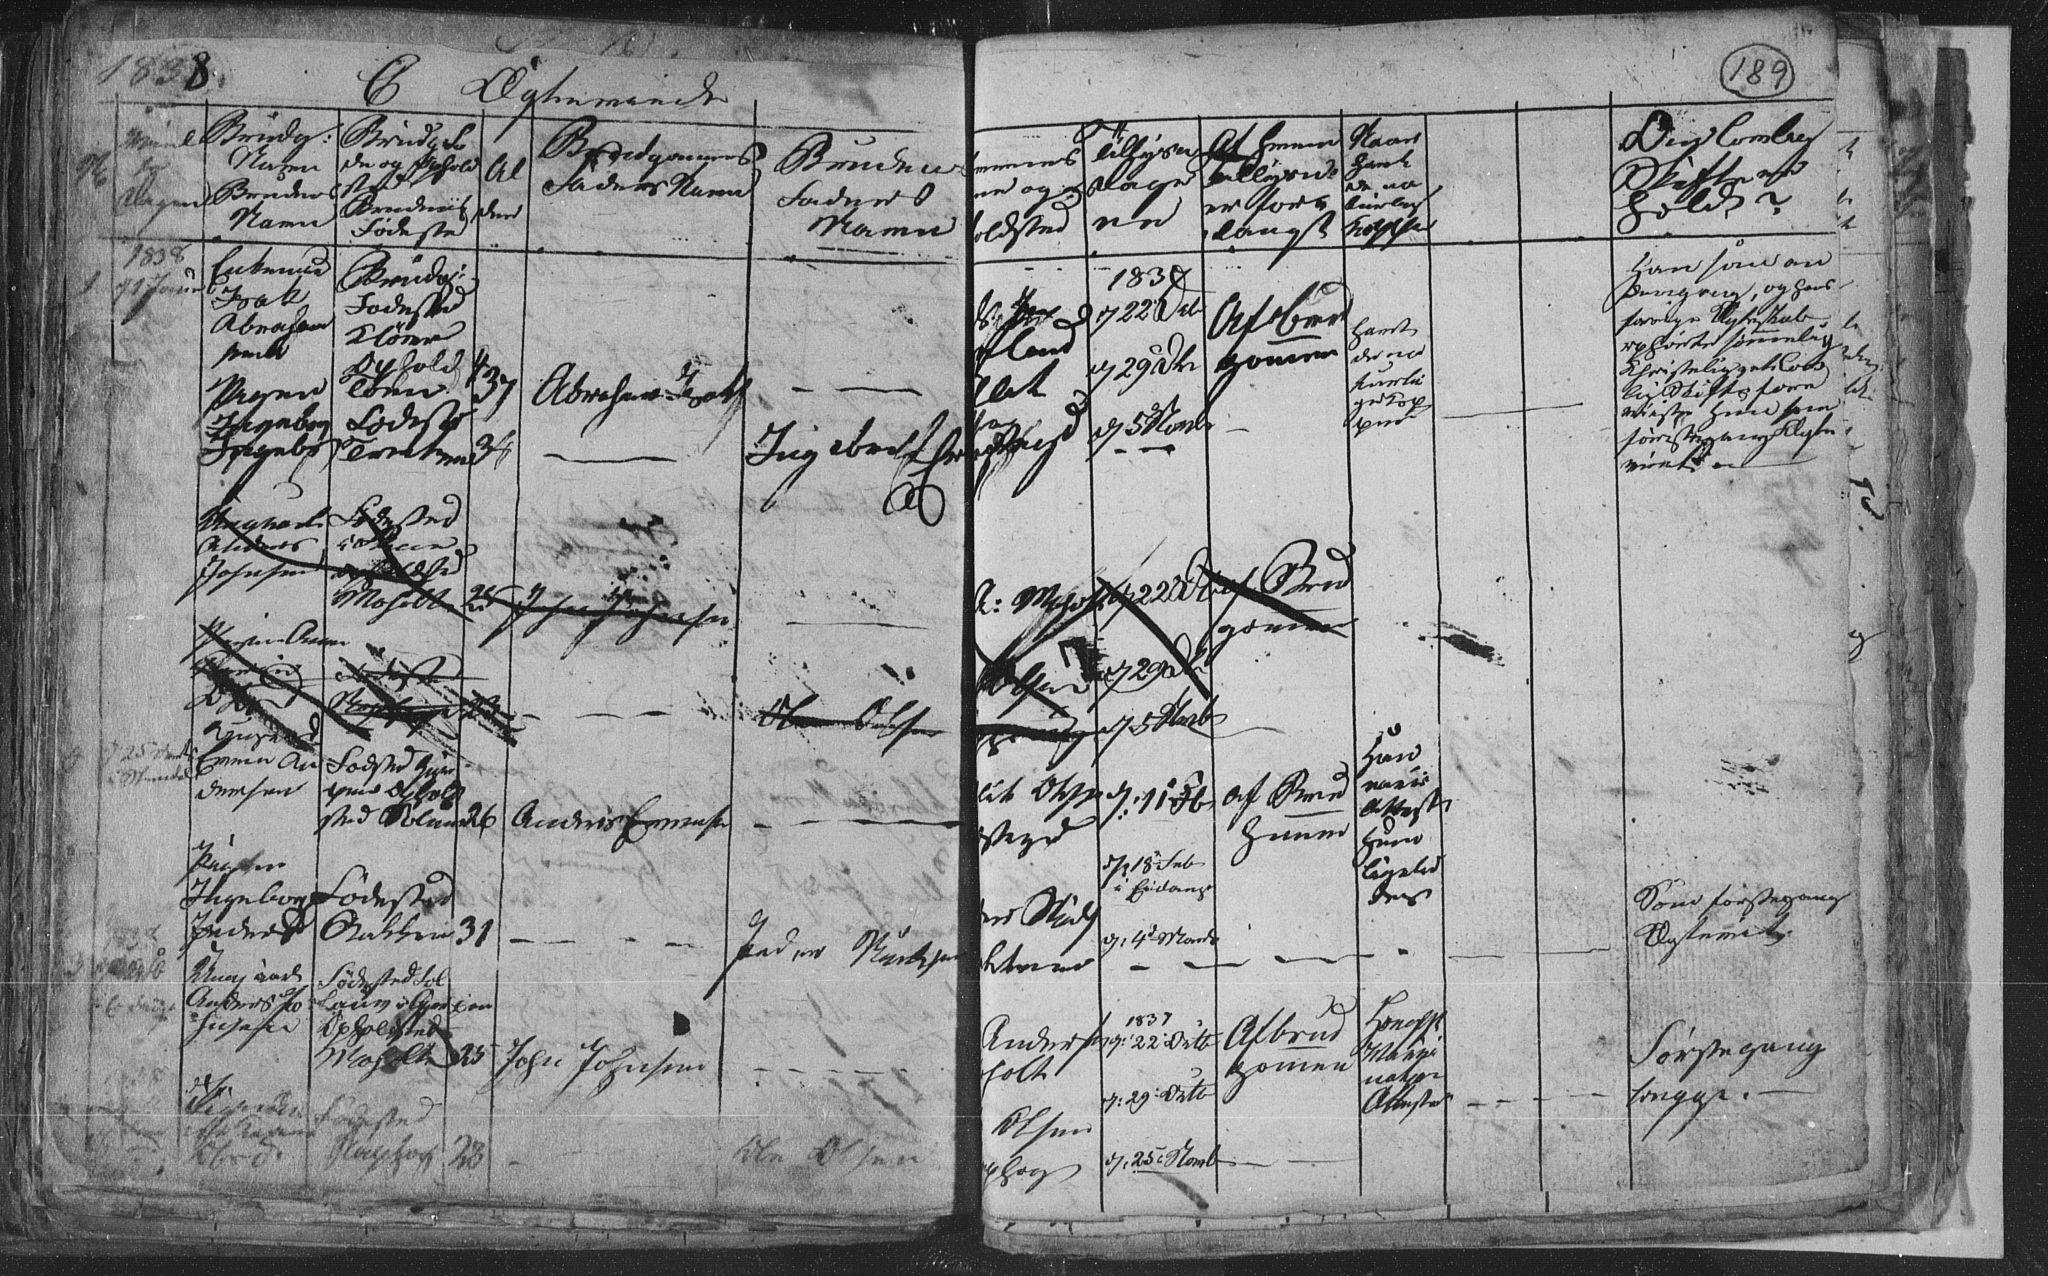 SAKO, Siljan kirkebøker, G/Ga/L0001: Klokkerbok nr. 1, 1827-1847, s. 189